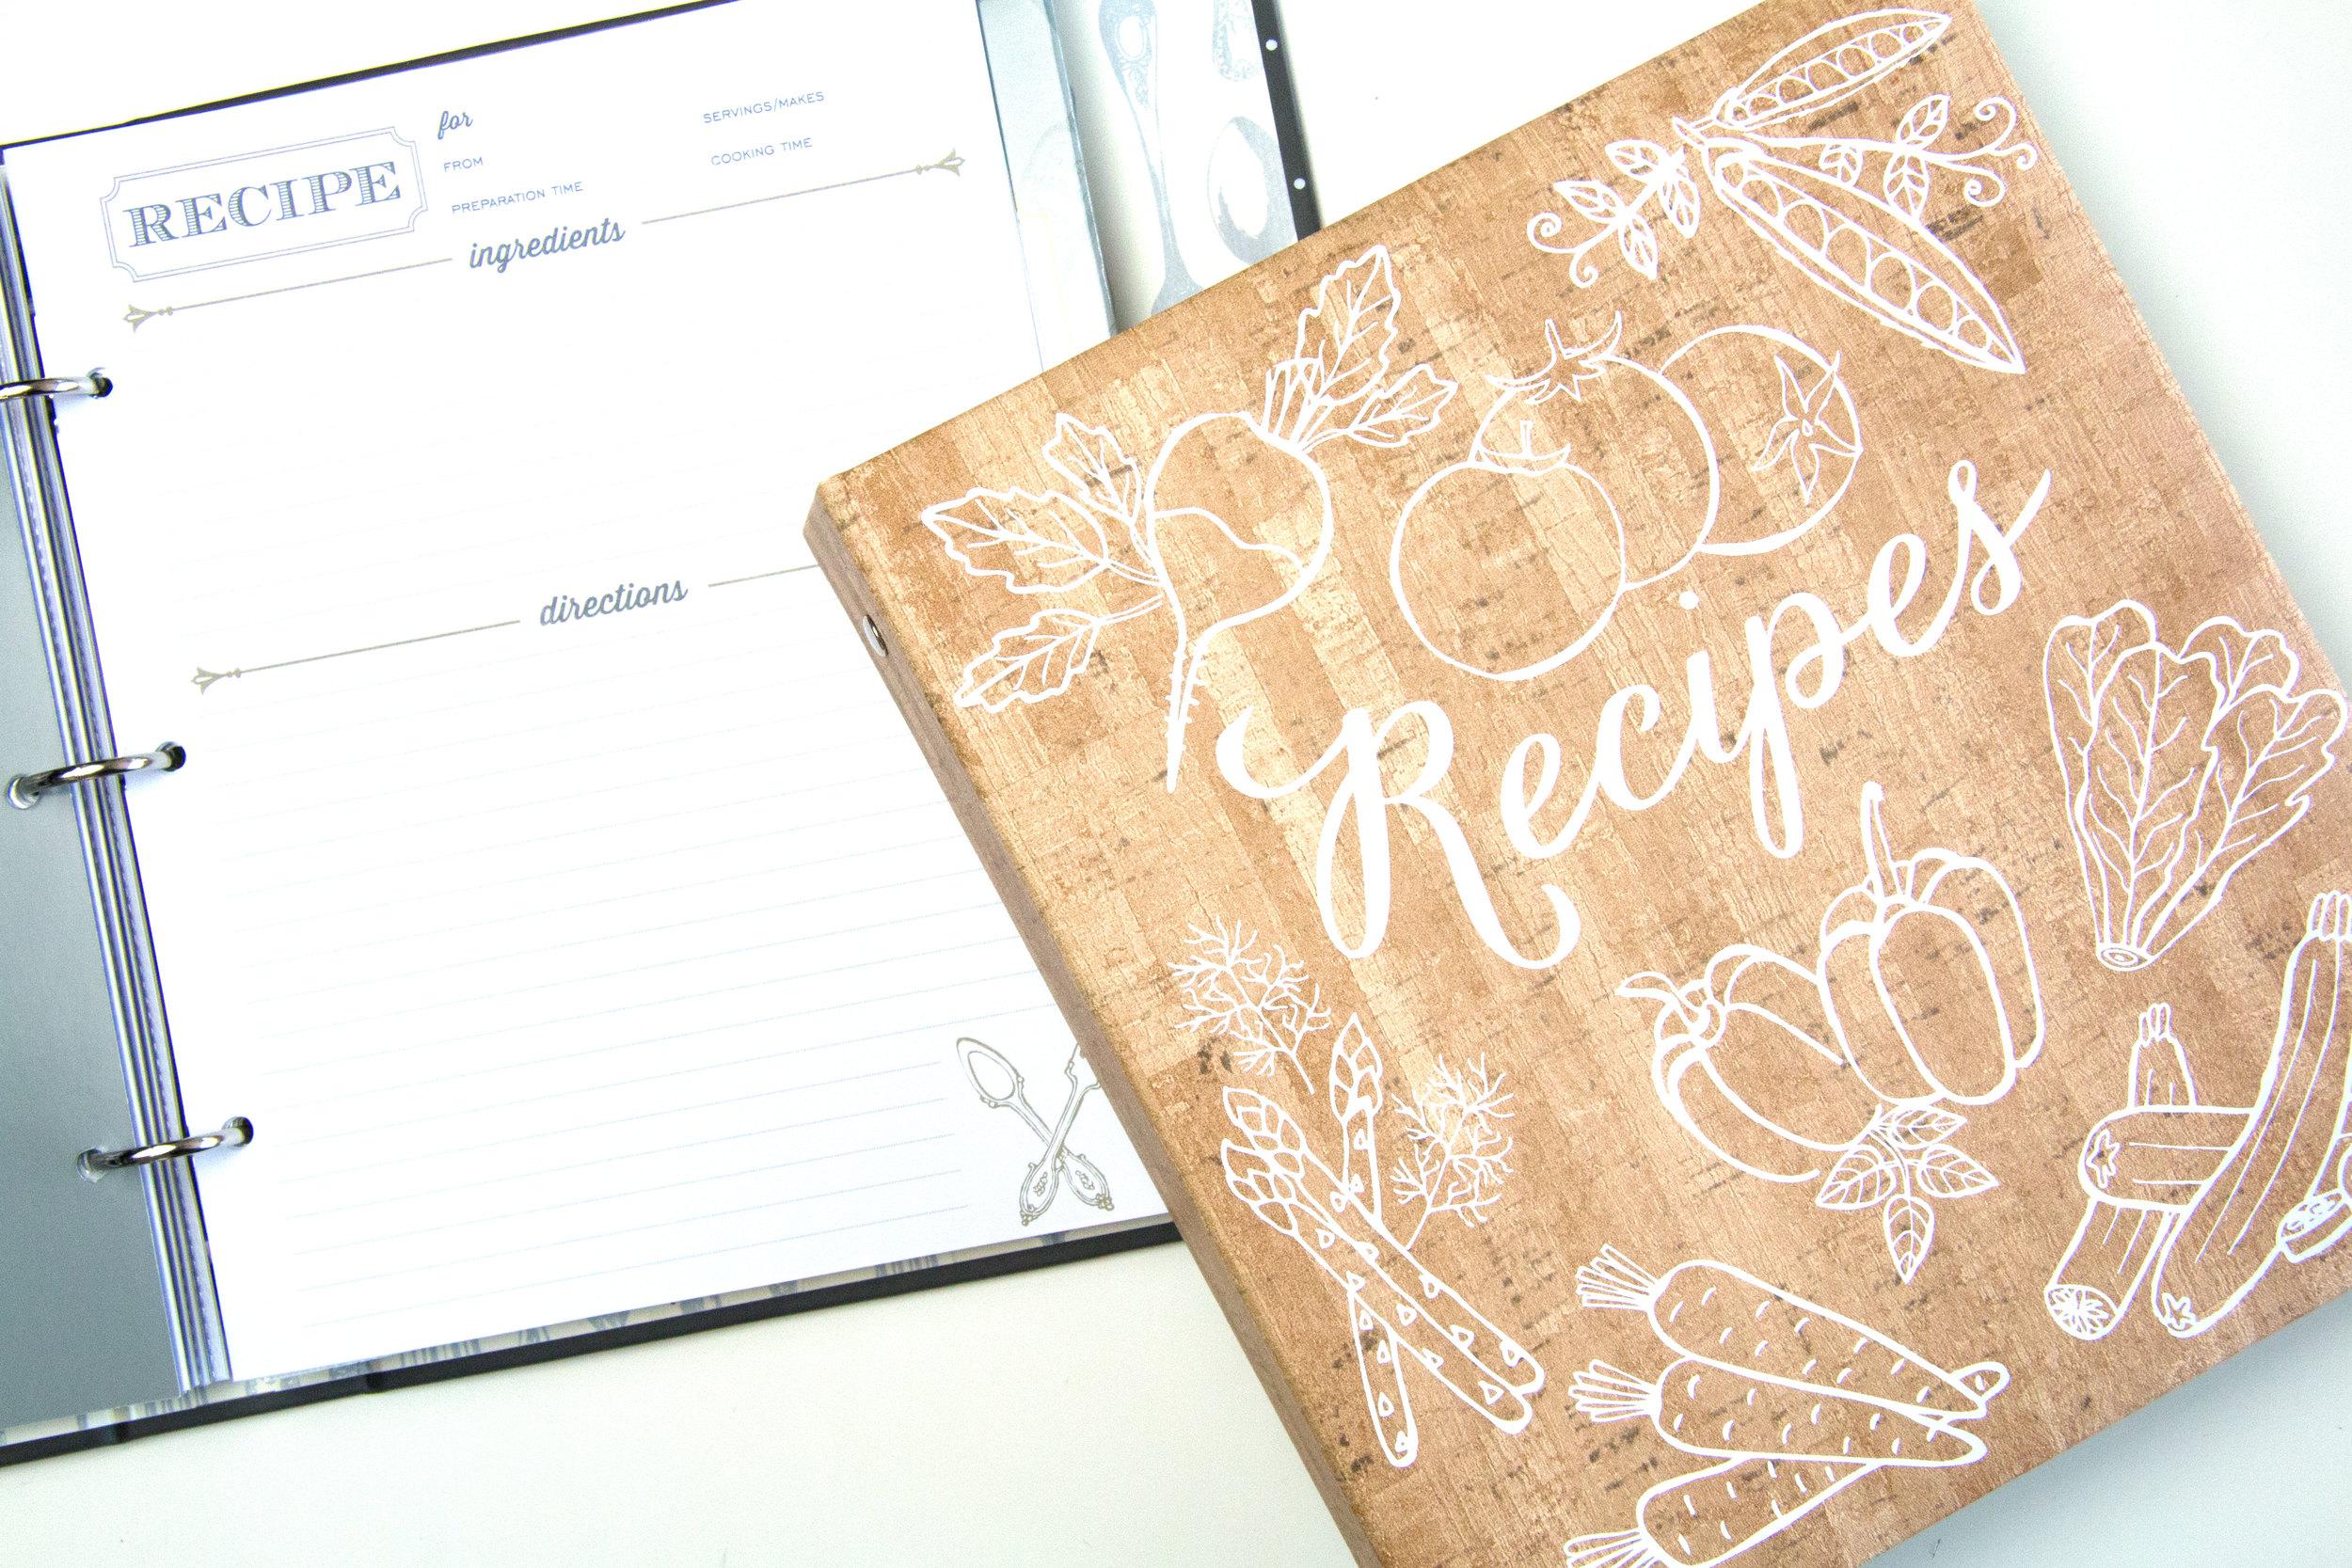 cork-recipe-book.jpg